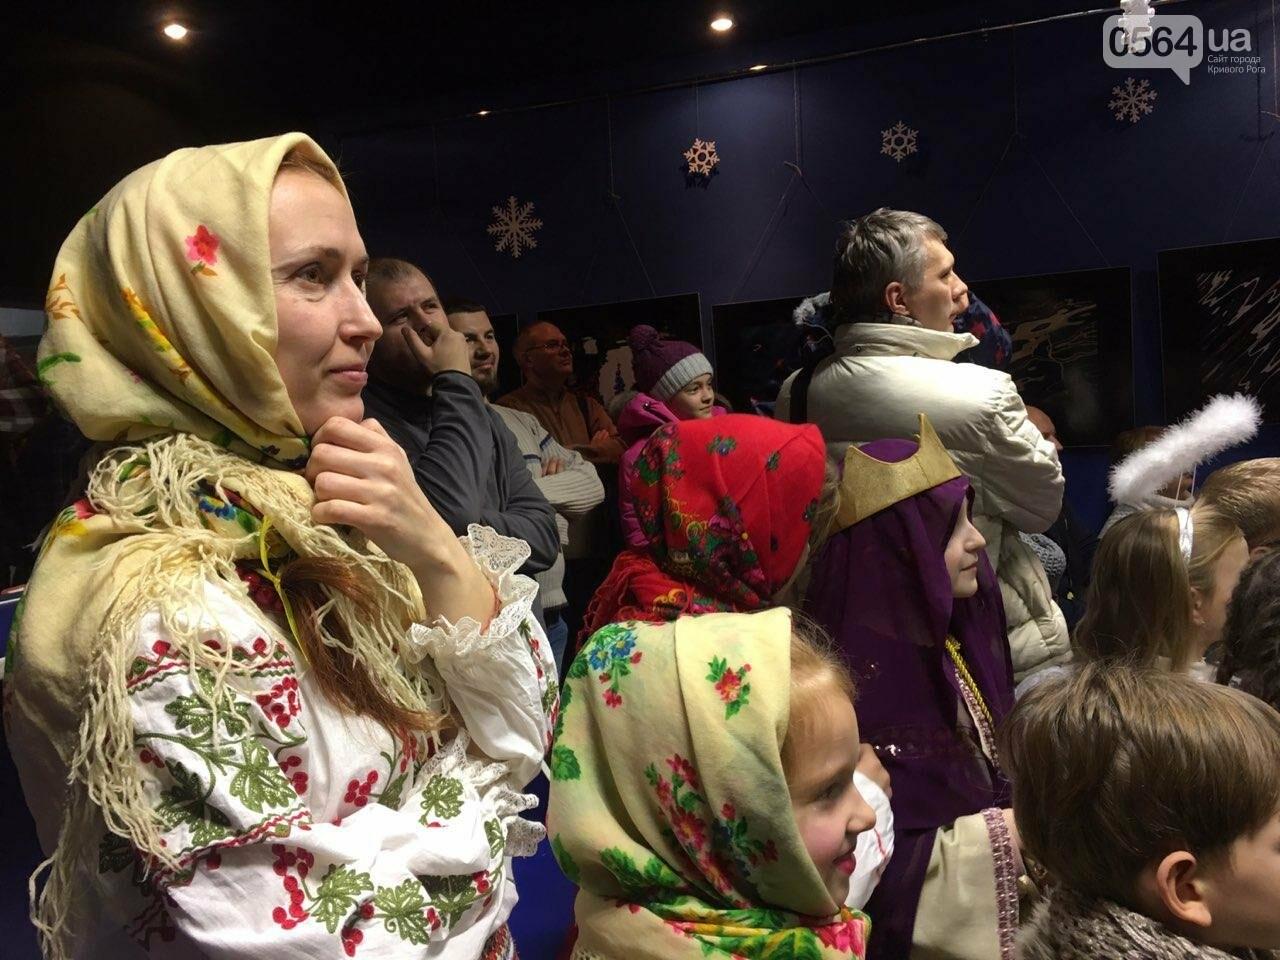 Христос рождается! В Кривом Роге показали Рождественский вертеп, - ФОТО, ВИДЕО, фото-1